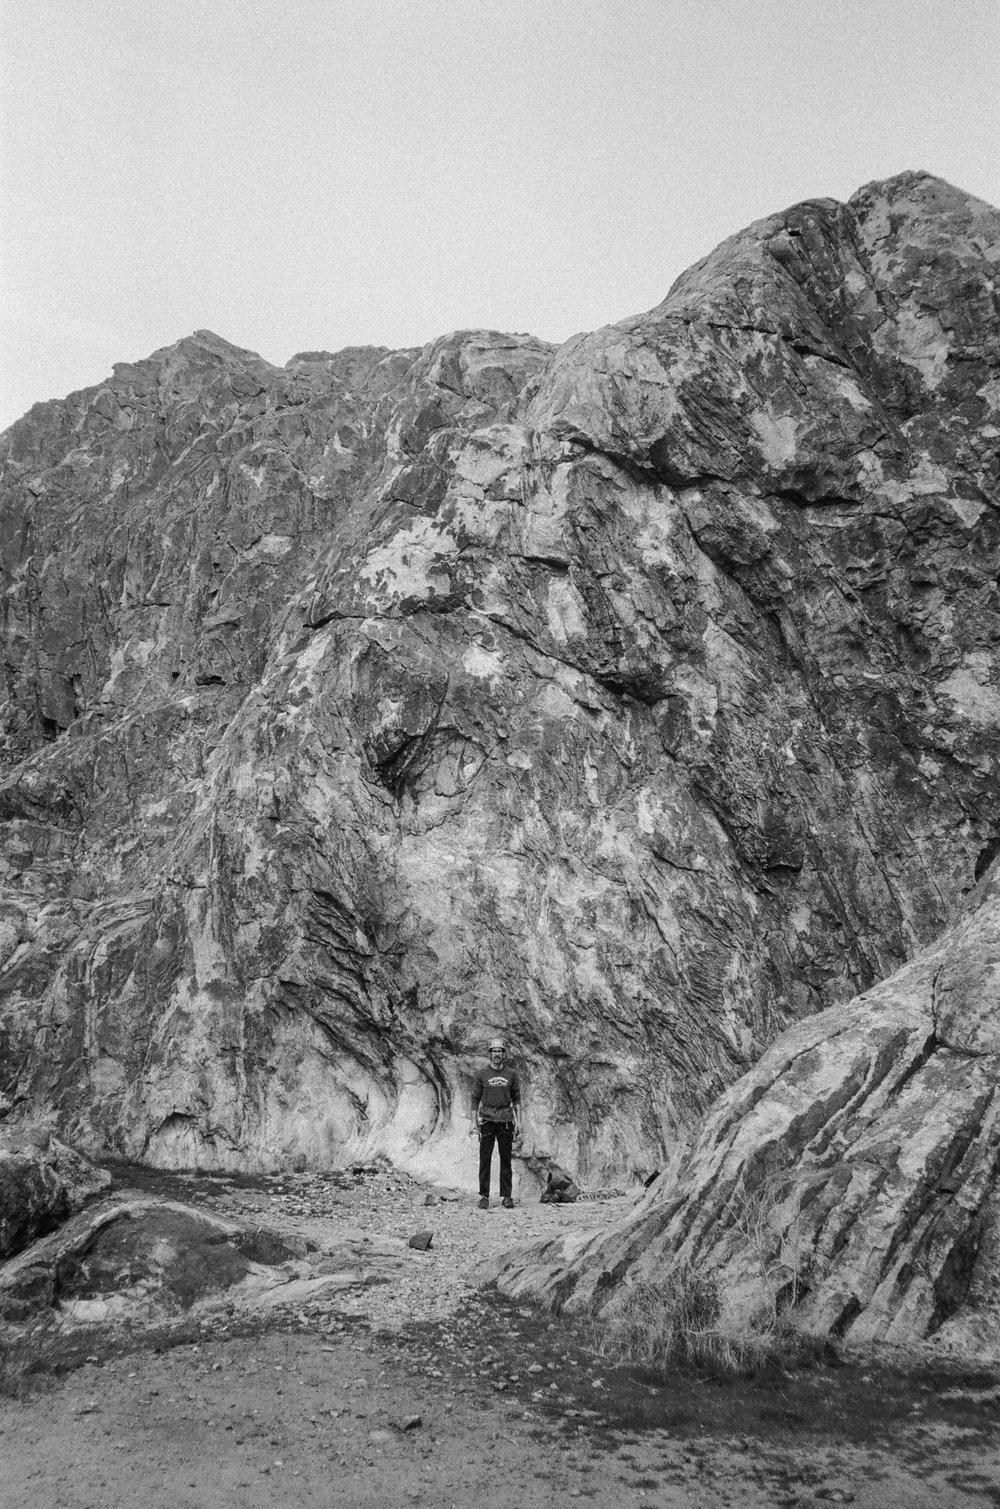 White Face rock climbing routes